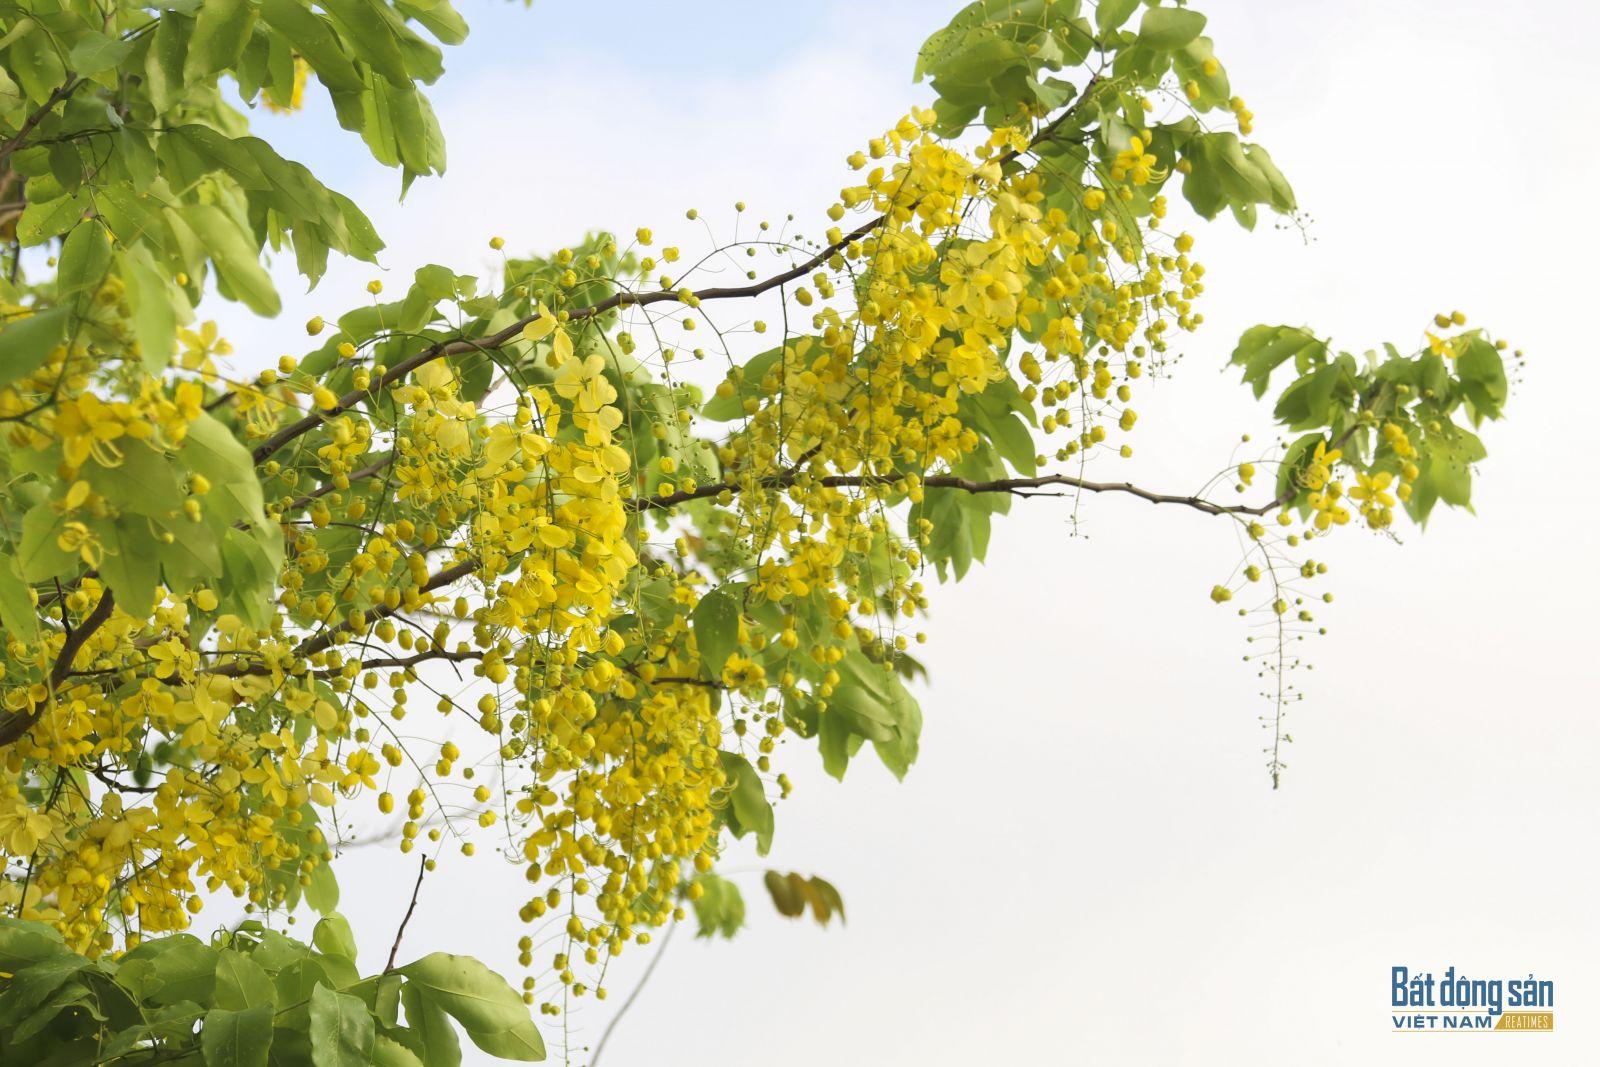 Vài năm gần đây, muồng hoàng yến được trồng nhiều tại nhiều tuyến phố của Thủ đô Hà Nội, tạo nên một mảng màu đặc sắc mỗi khi hè về.